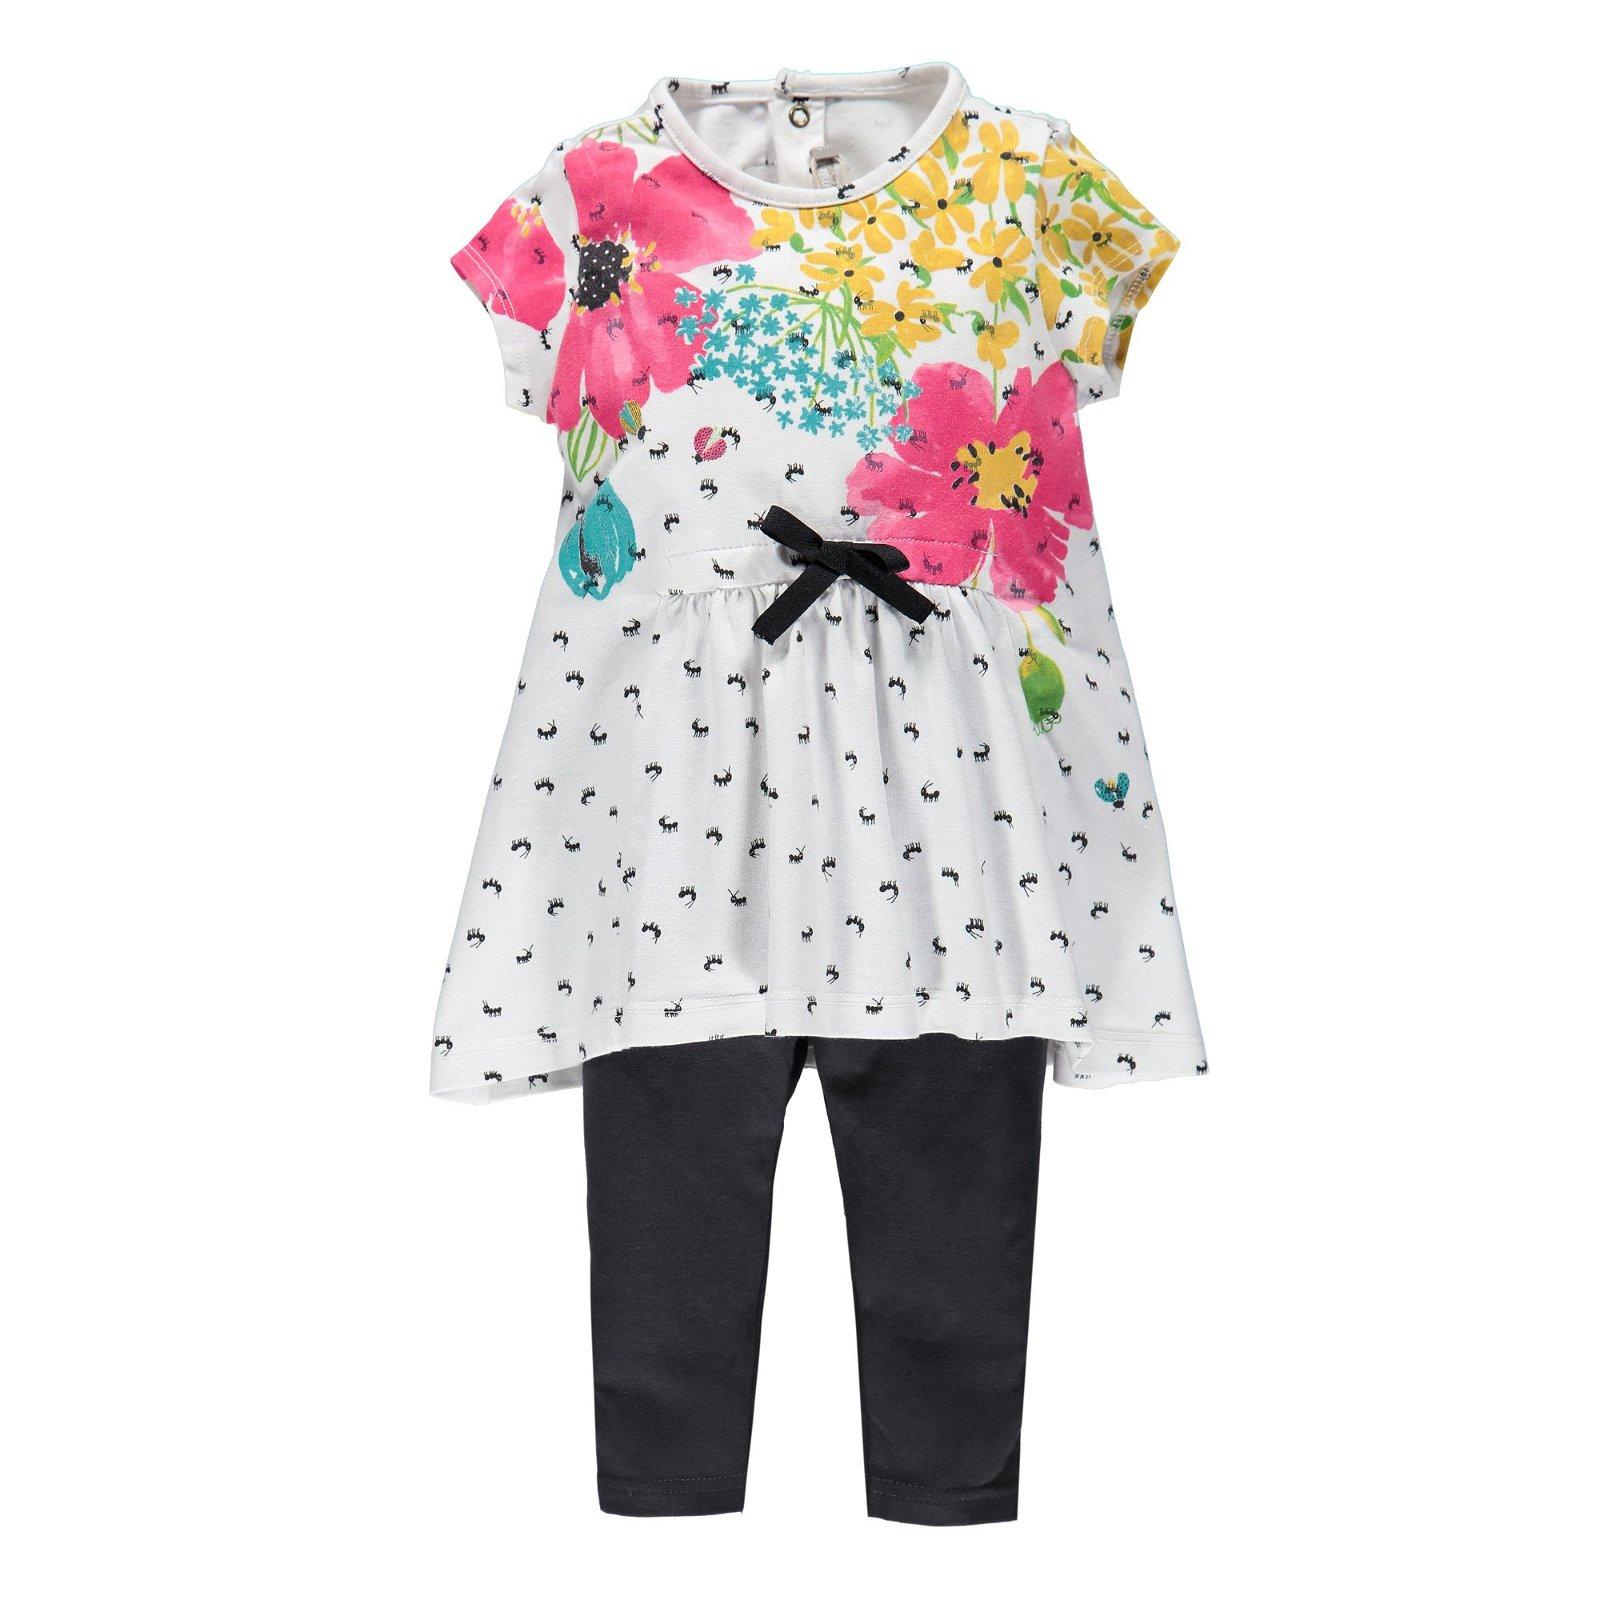 Completo neonata top stampato + leggings